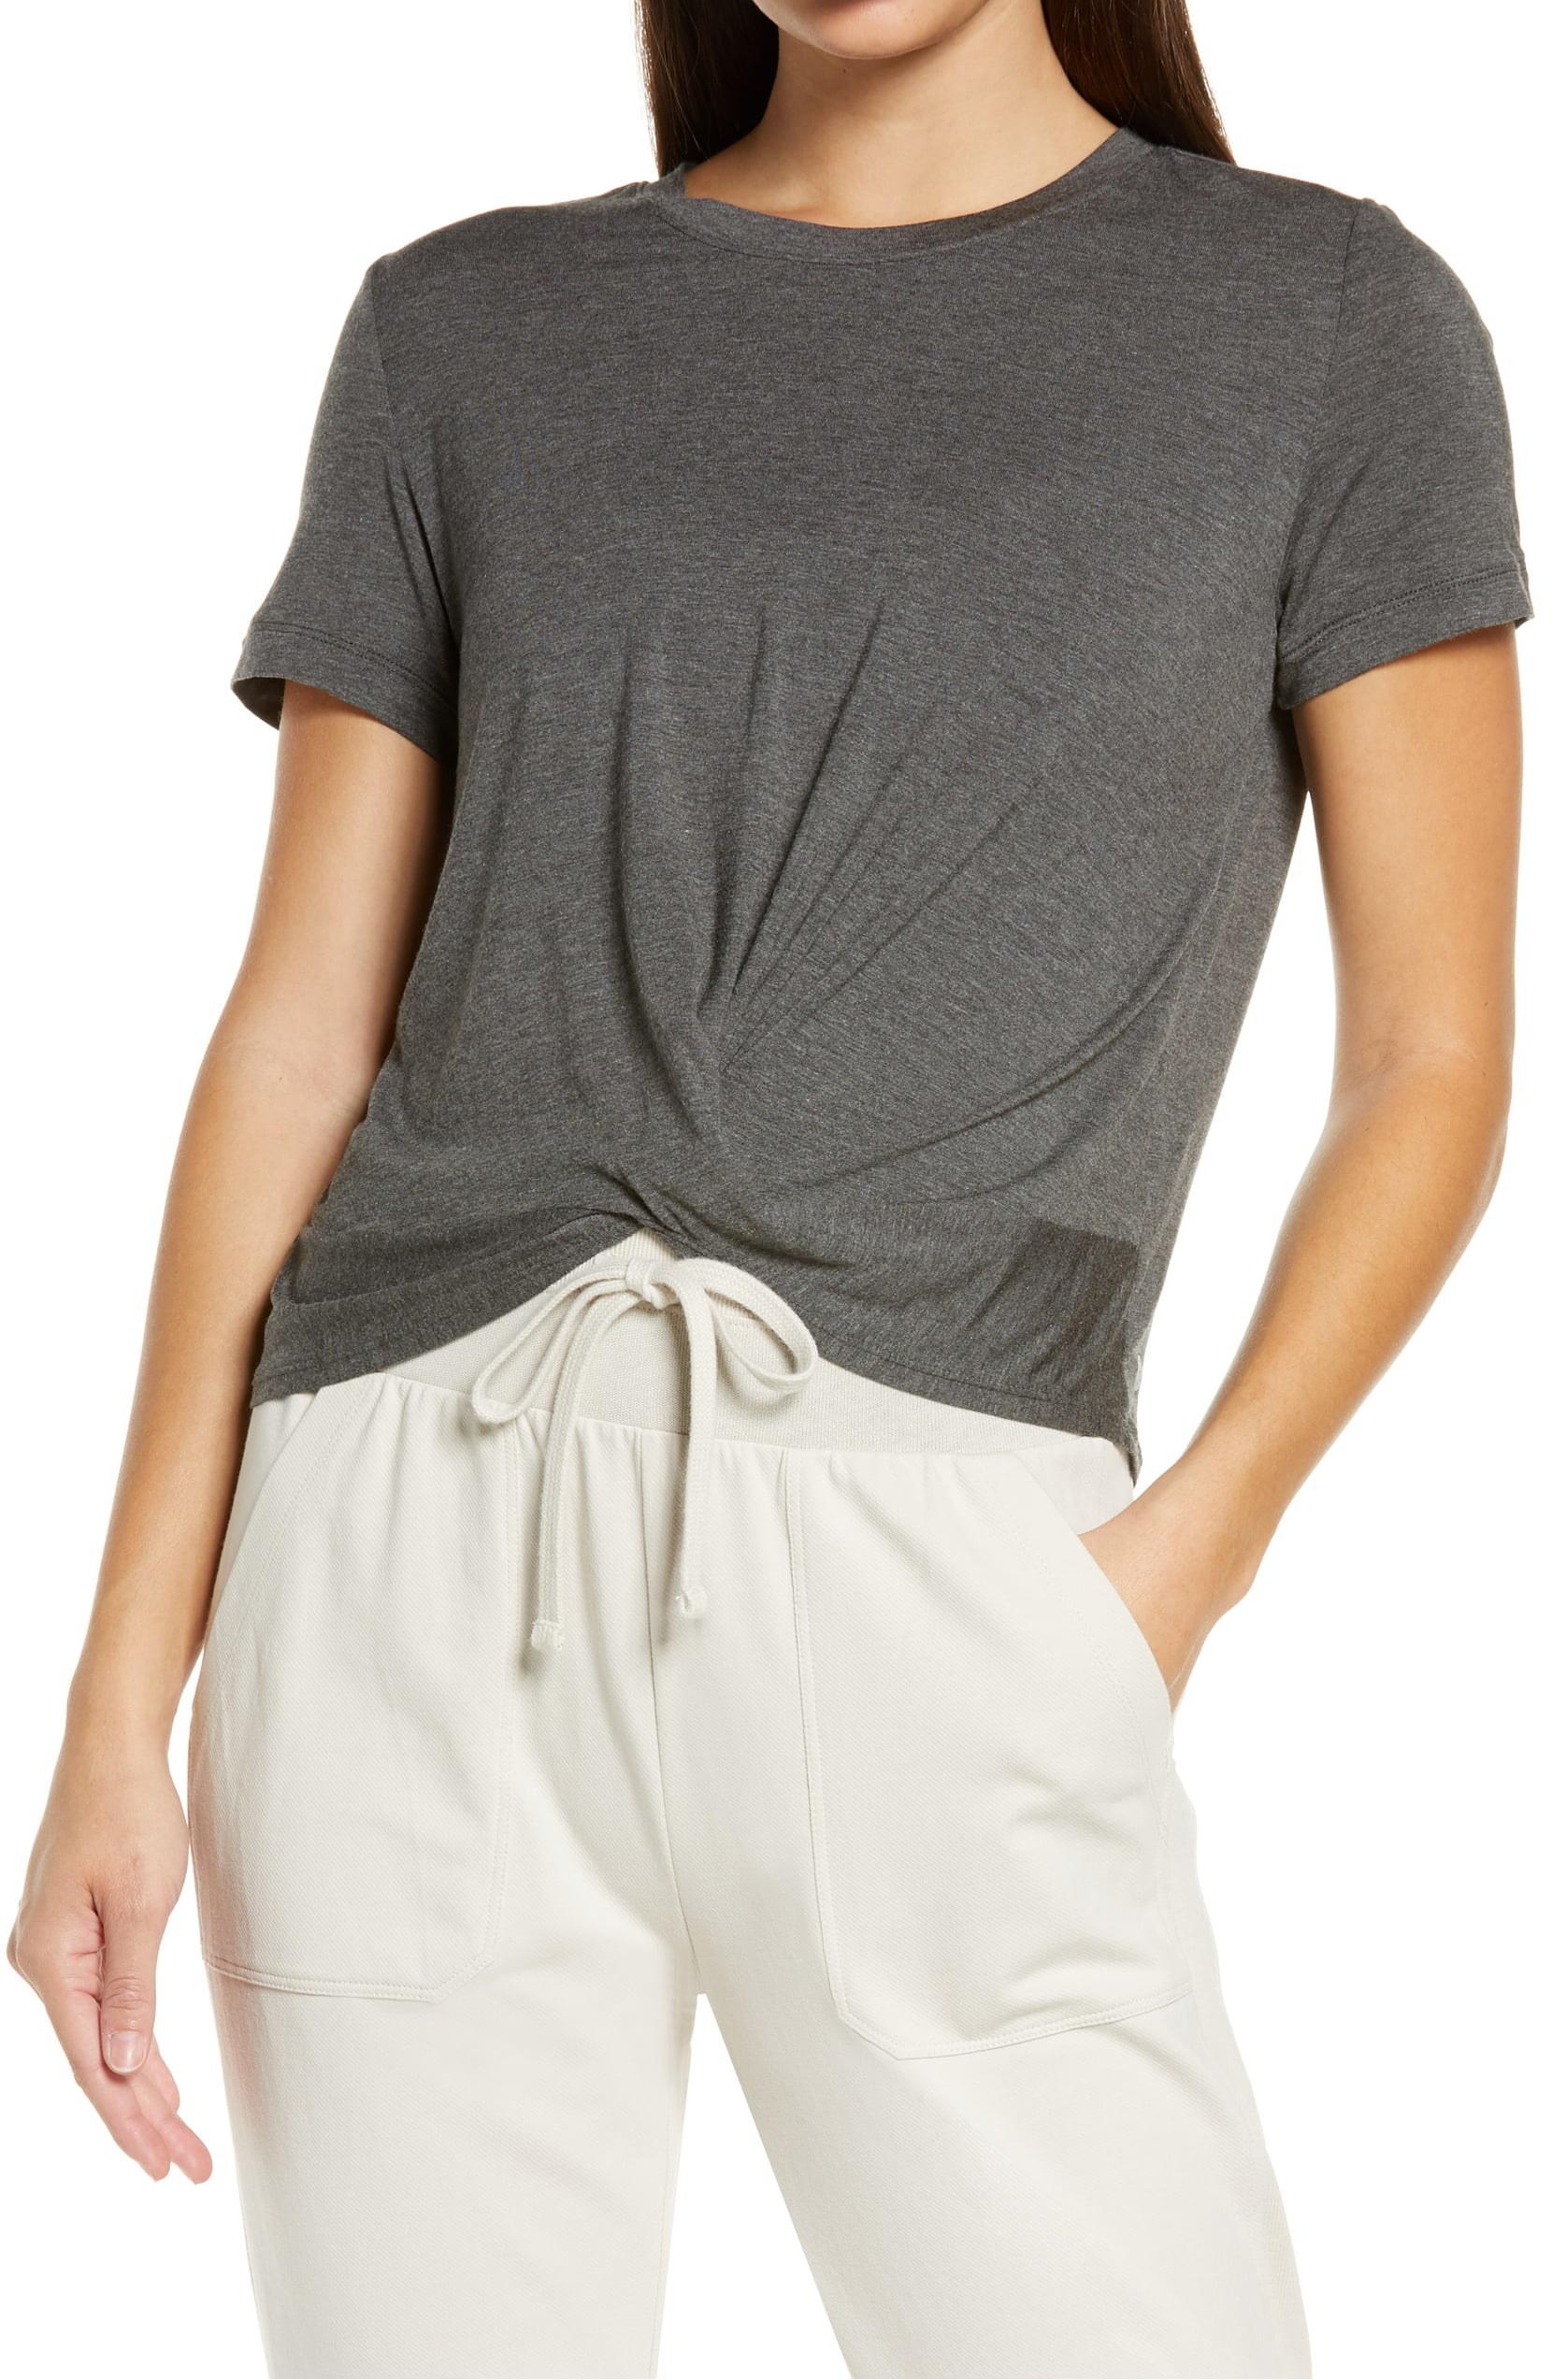 Model wearing Zella Peaceful Twist T-shirt in gray